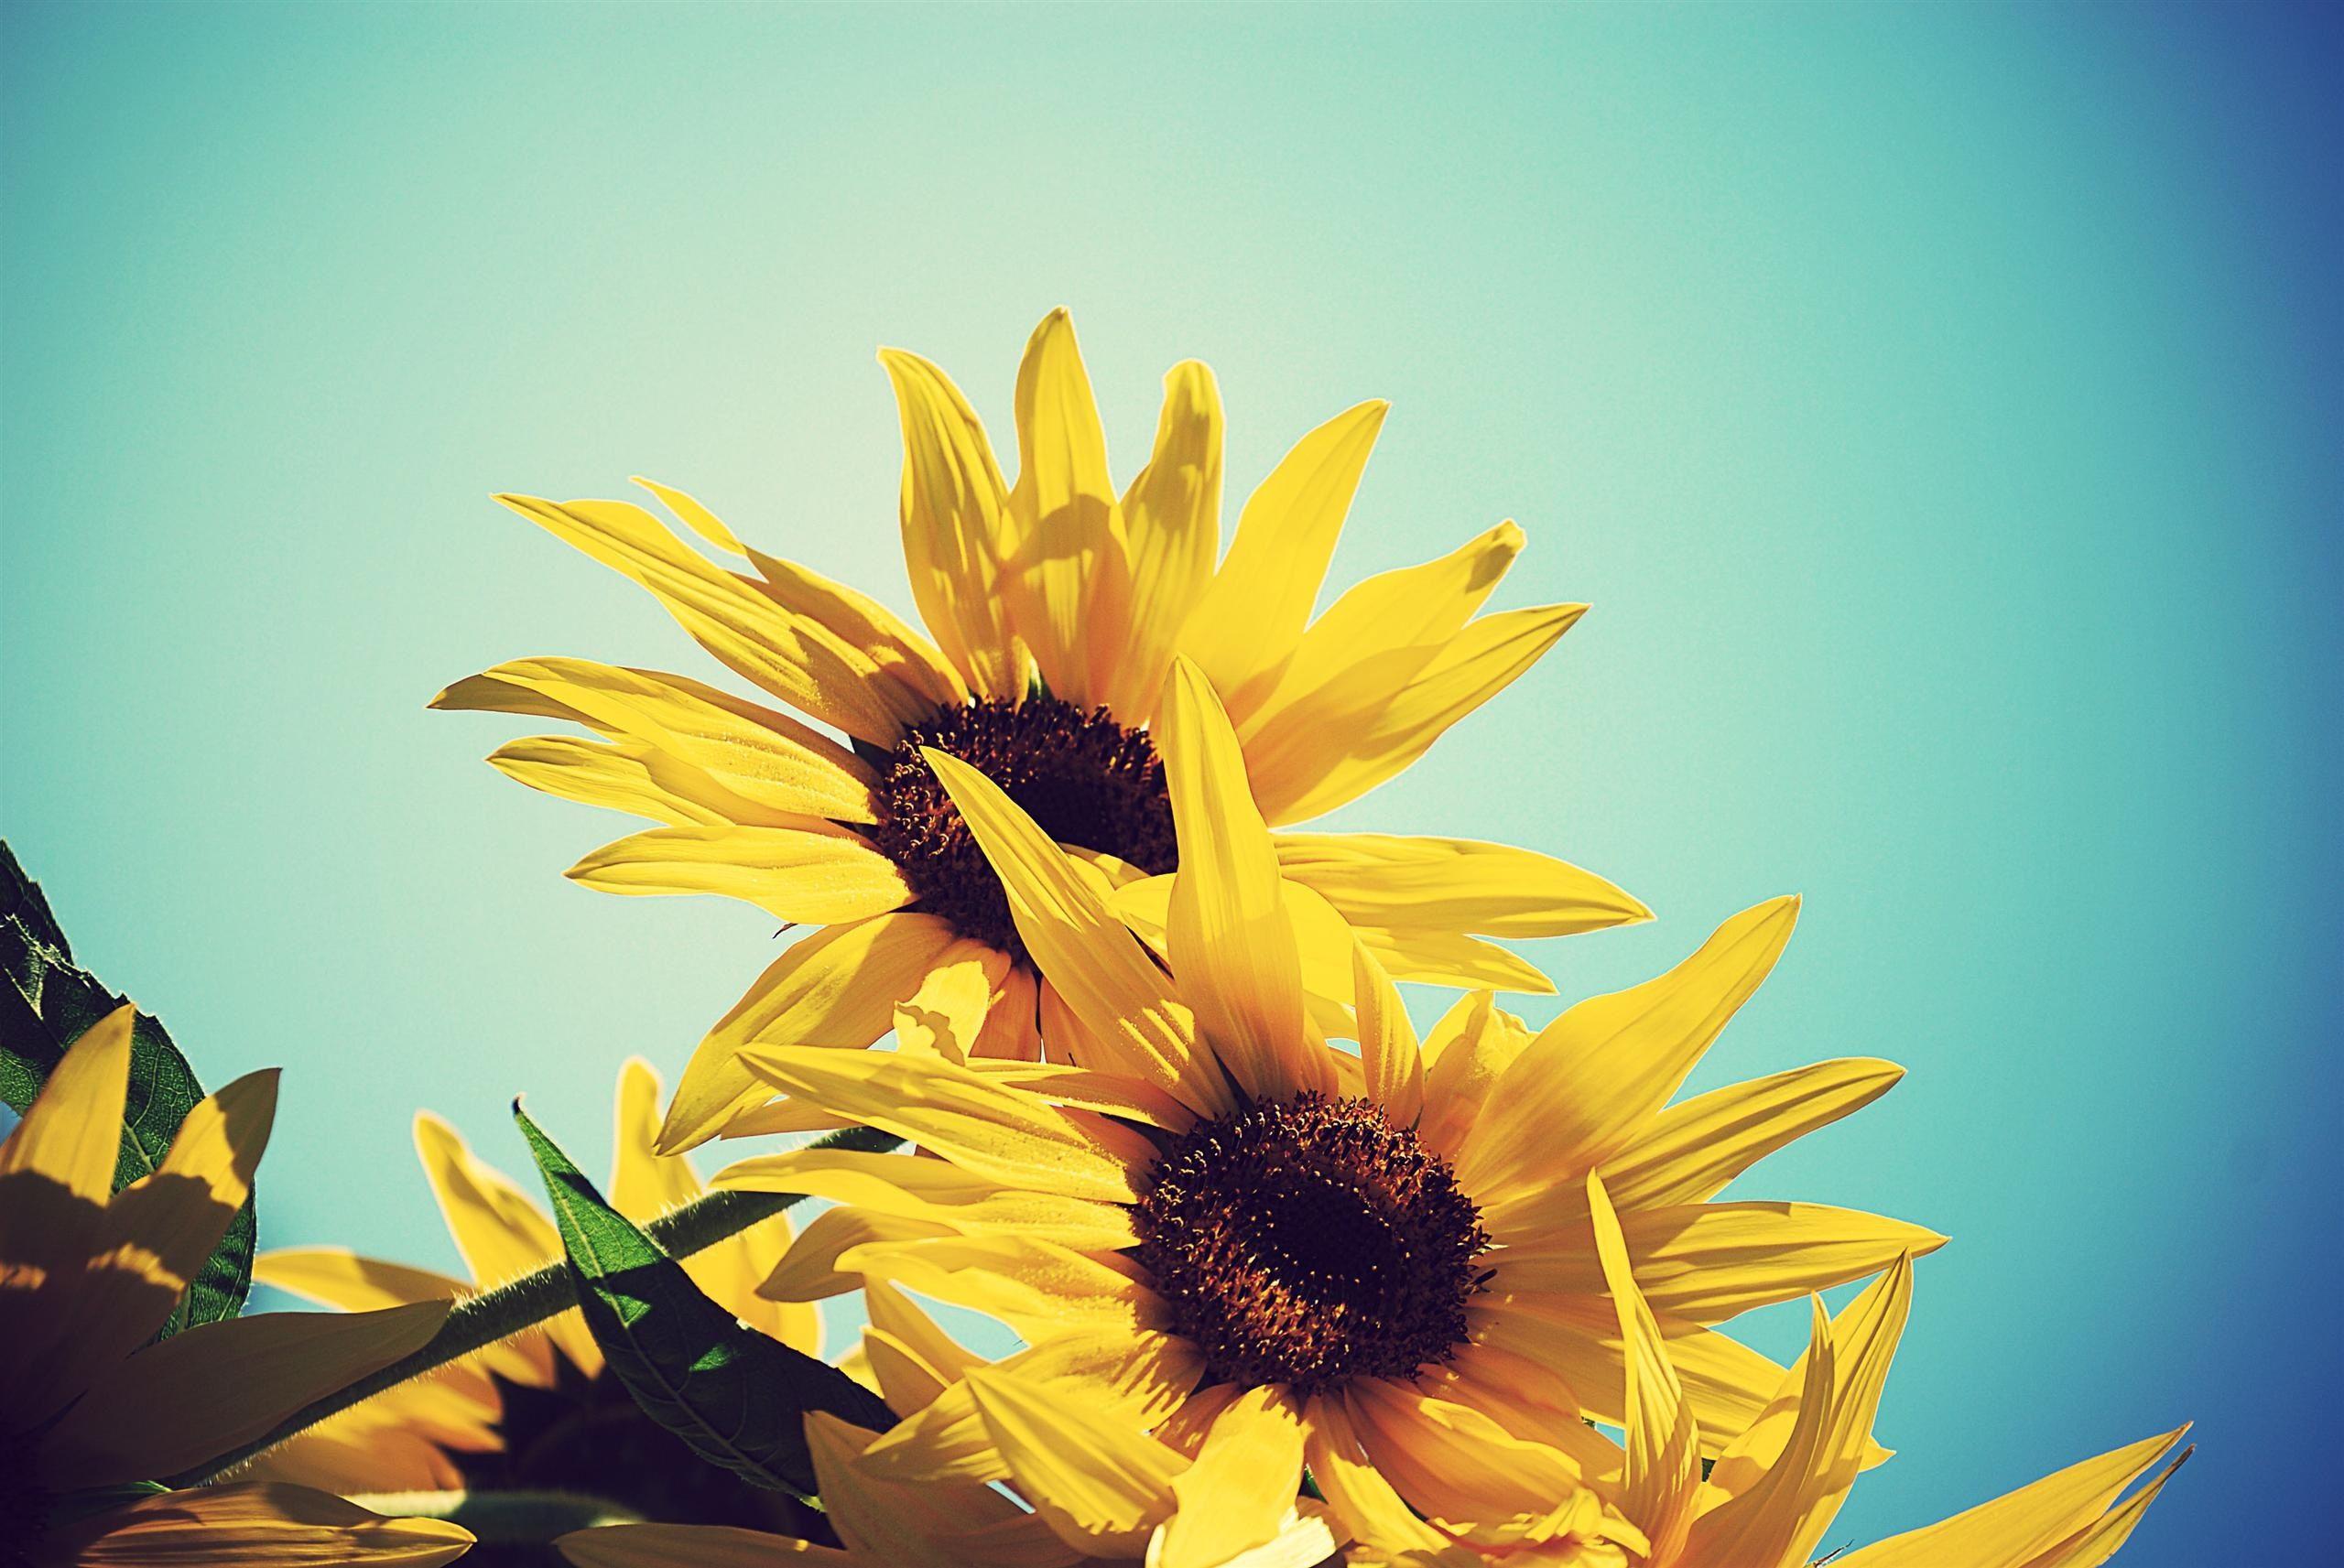 sunflower photography tumblr   Sunflower wallpaper, Tumblr ...